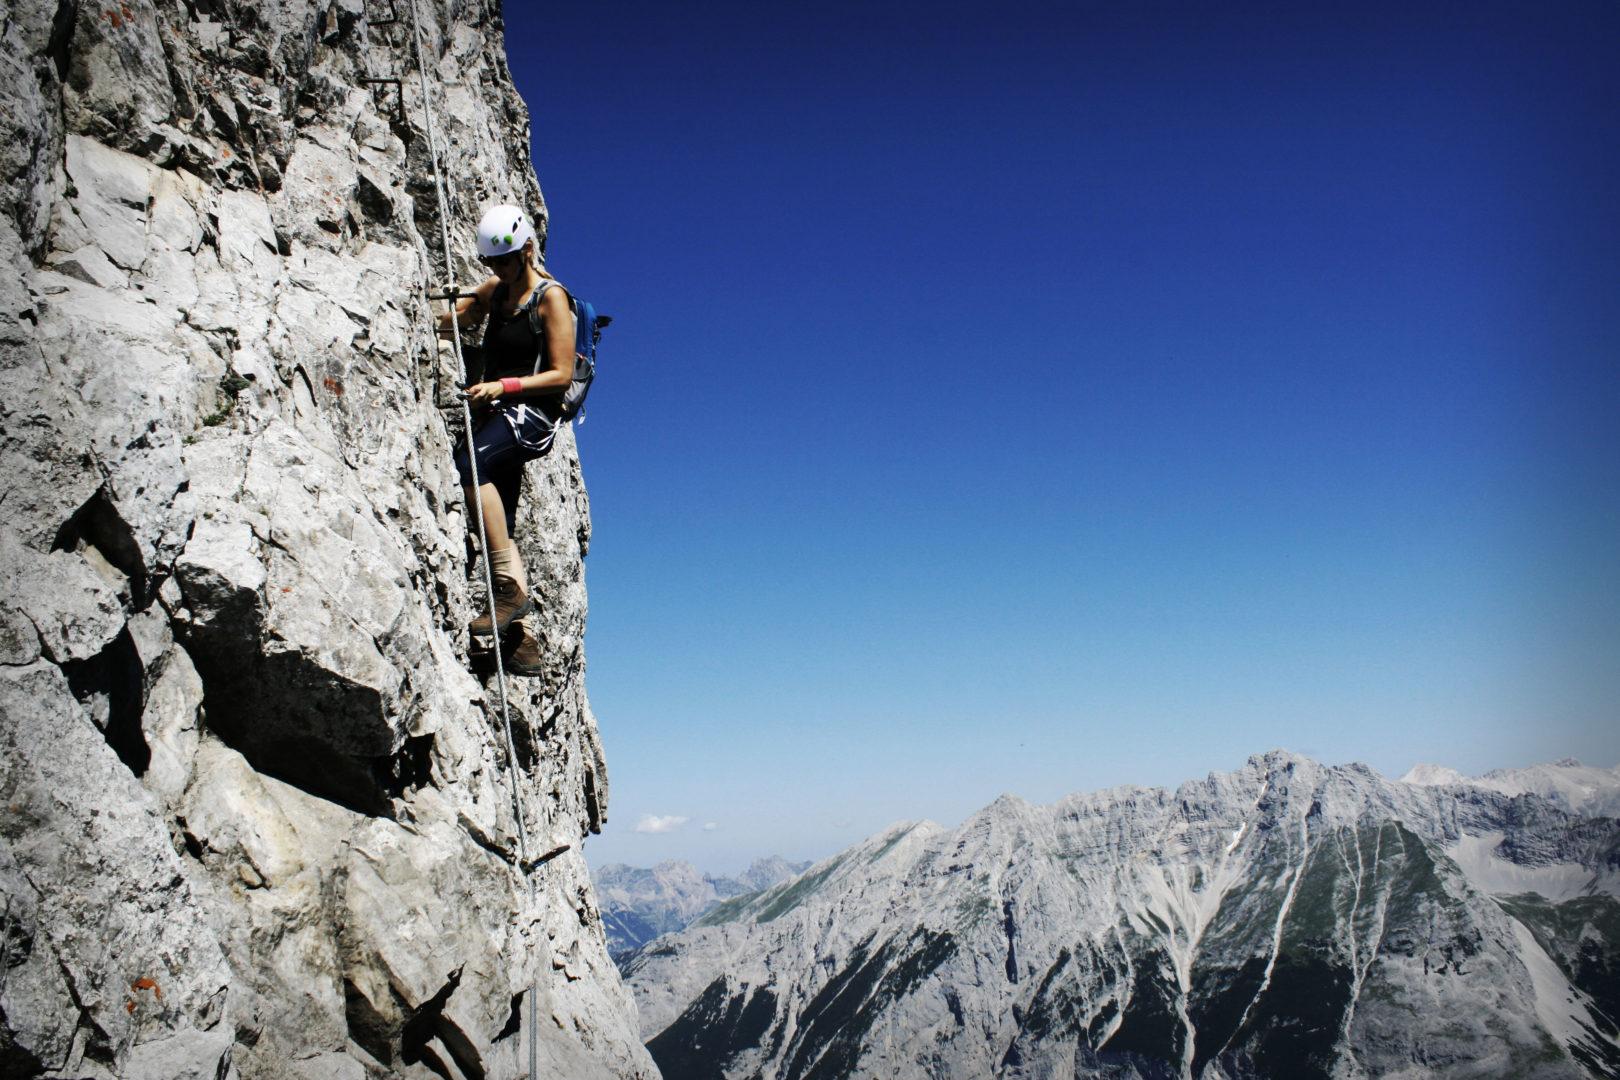 Klettersteig österreich : Erster klettersteig an einer staumauer radio tirol